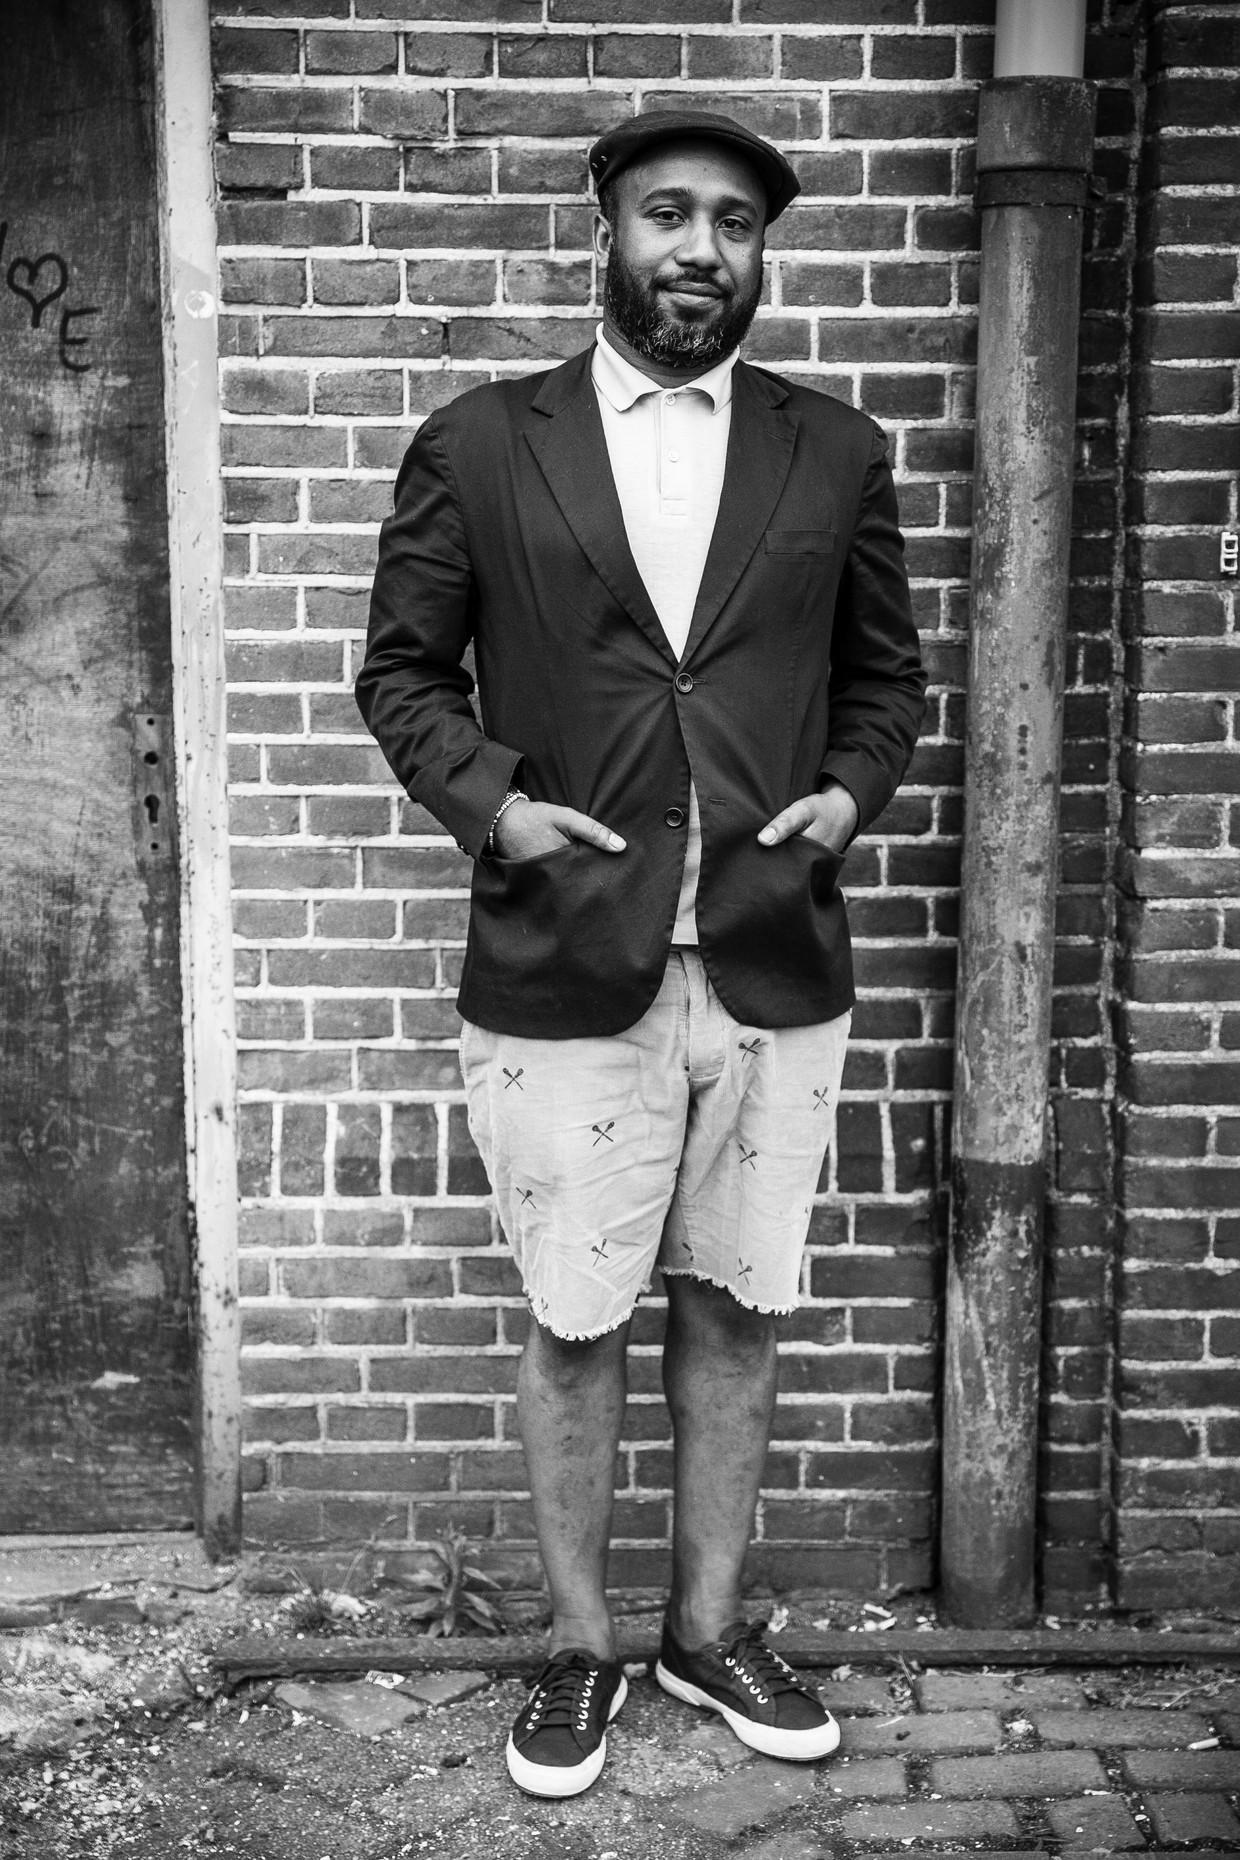 Clyde Semmoh stond bekend als een levensgenieter. Beeld Amaury Miller